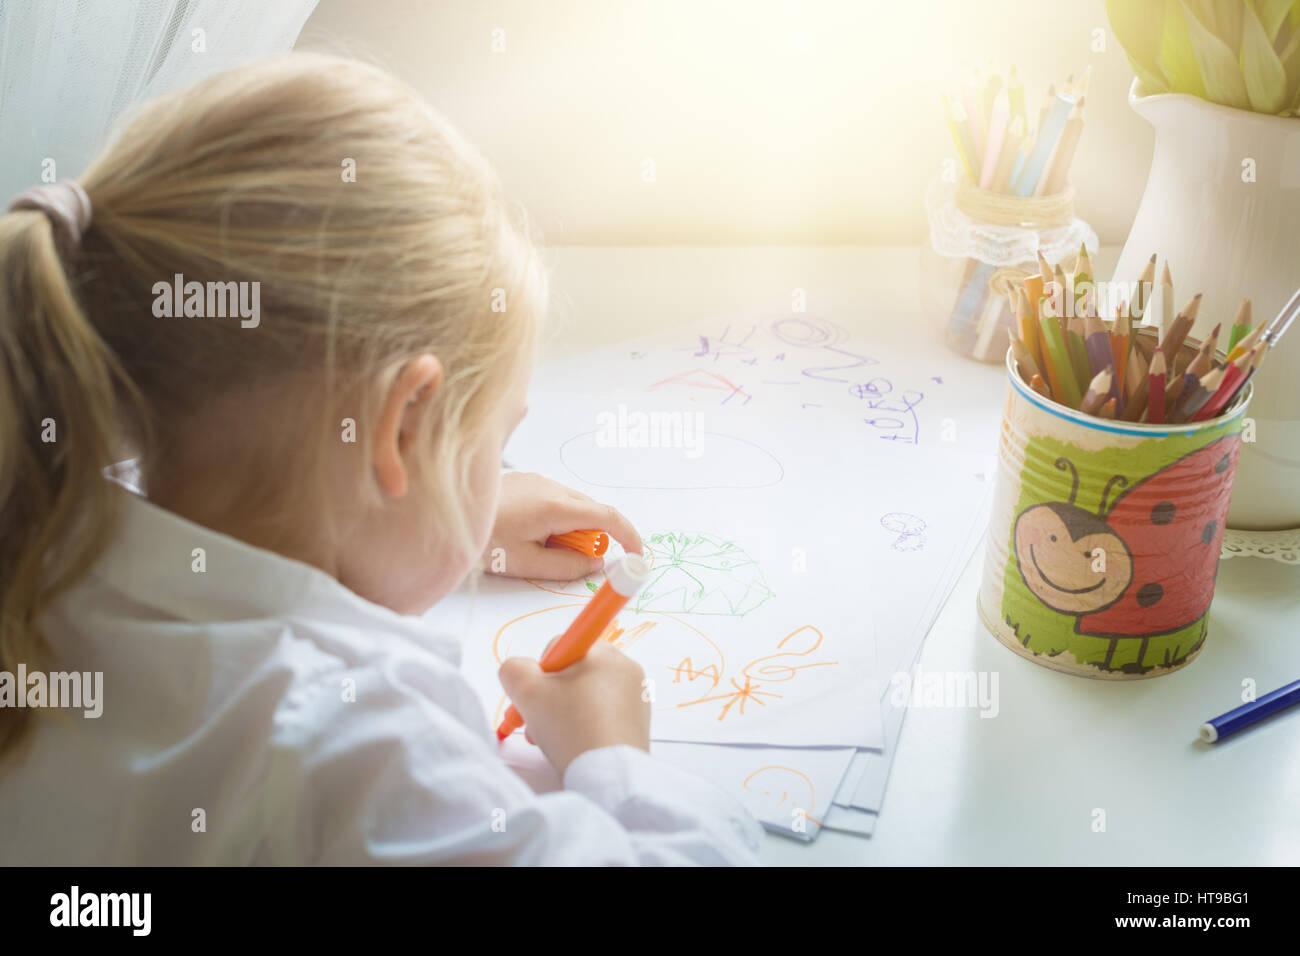 Conceito Criatividade Desenho de menina. Imagens de Stock